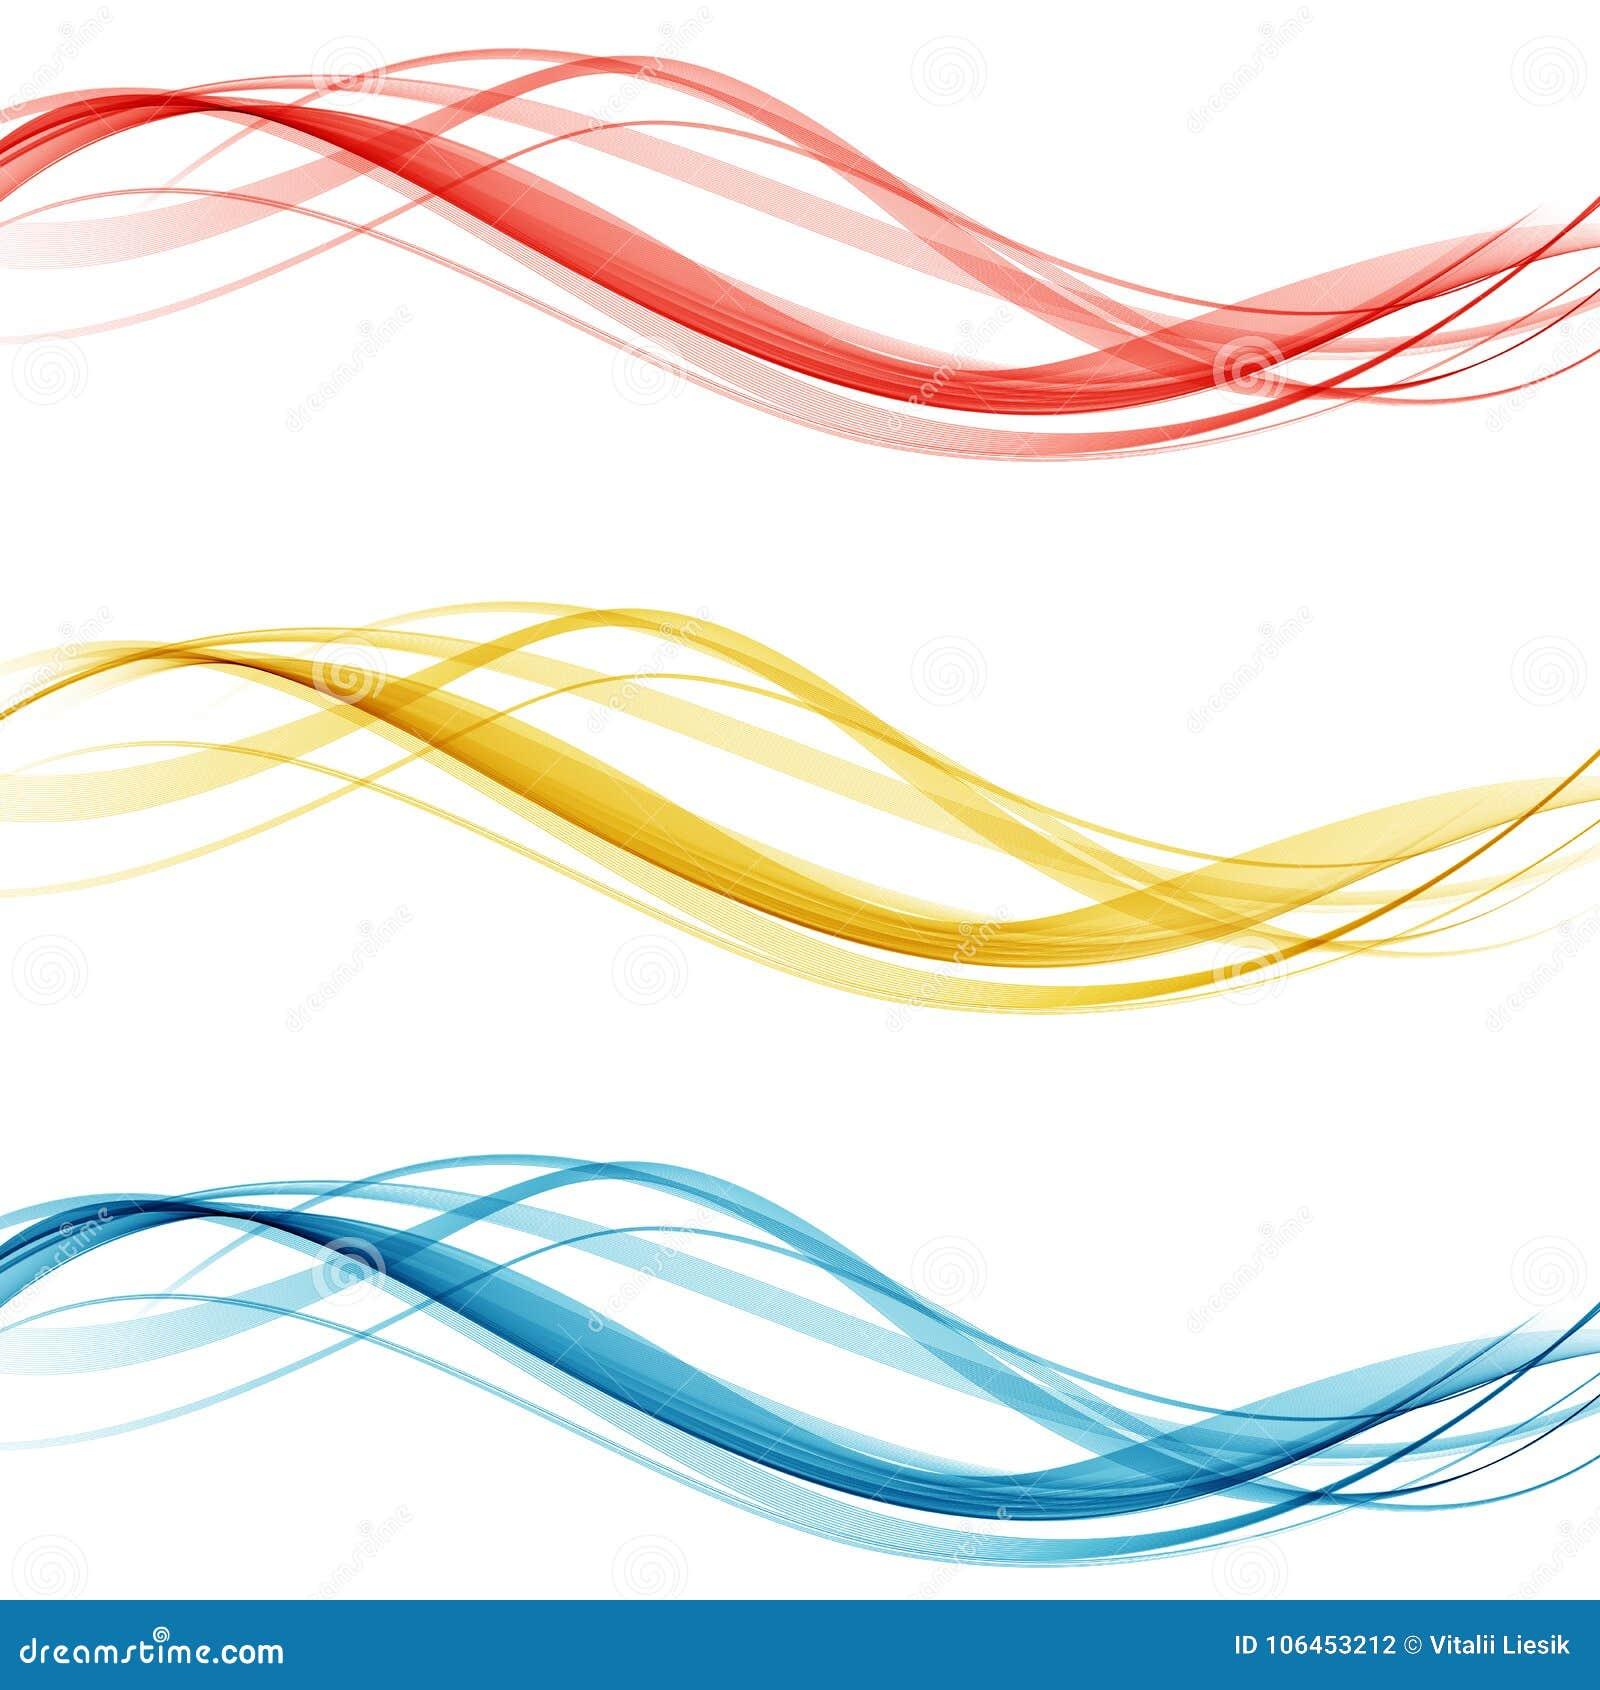 Μαλακό φωτεινό ζωηρόχρωμο σύνολο σχεδιαγράμματος συνόρων Ιστού όμορφης σύγχρονης συλλογής επιγραφών κυμάτων swoosh επίσης corel σ